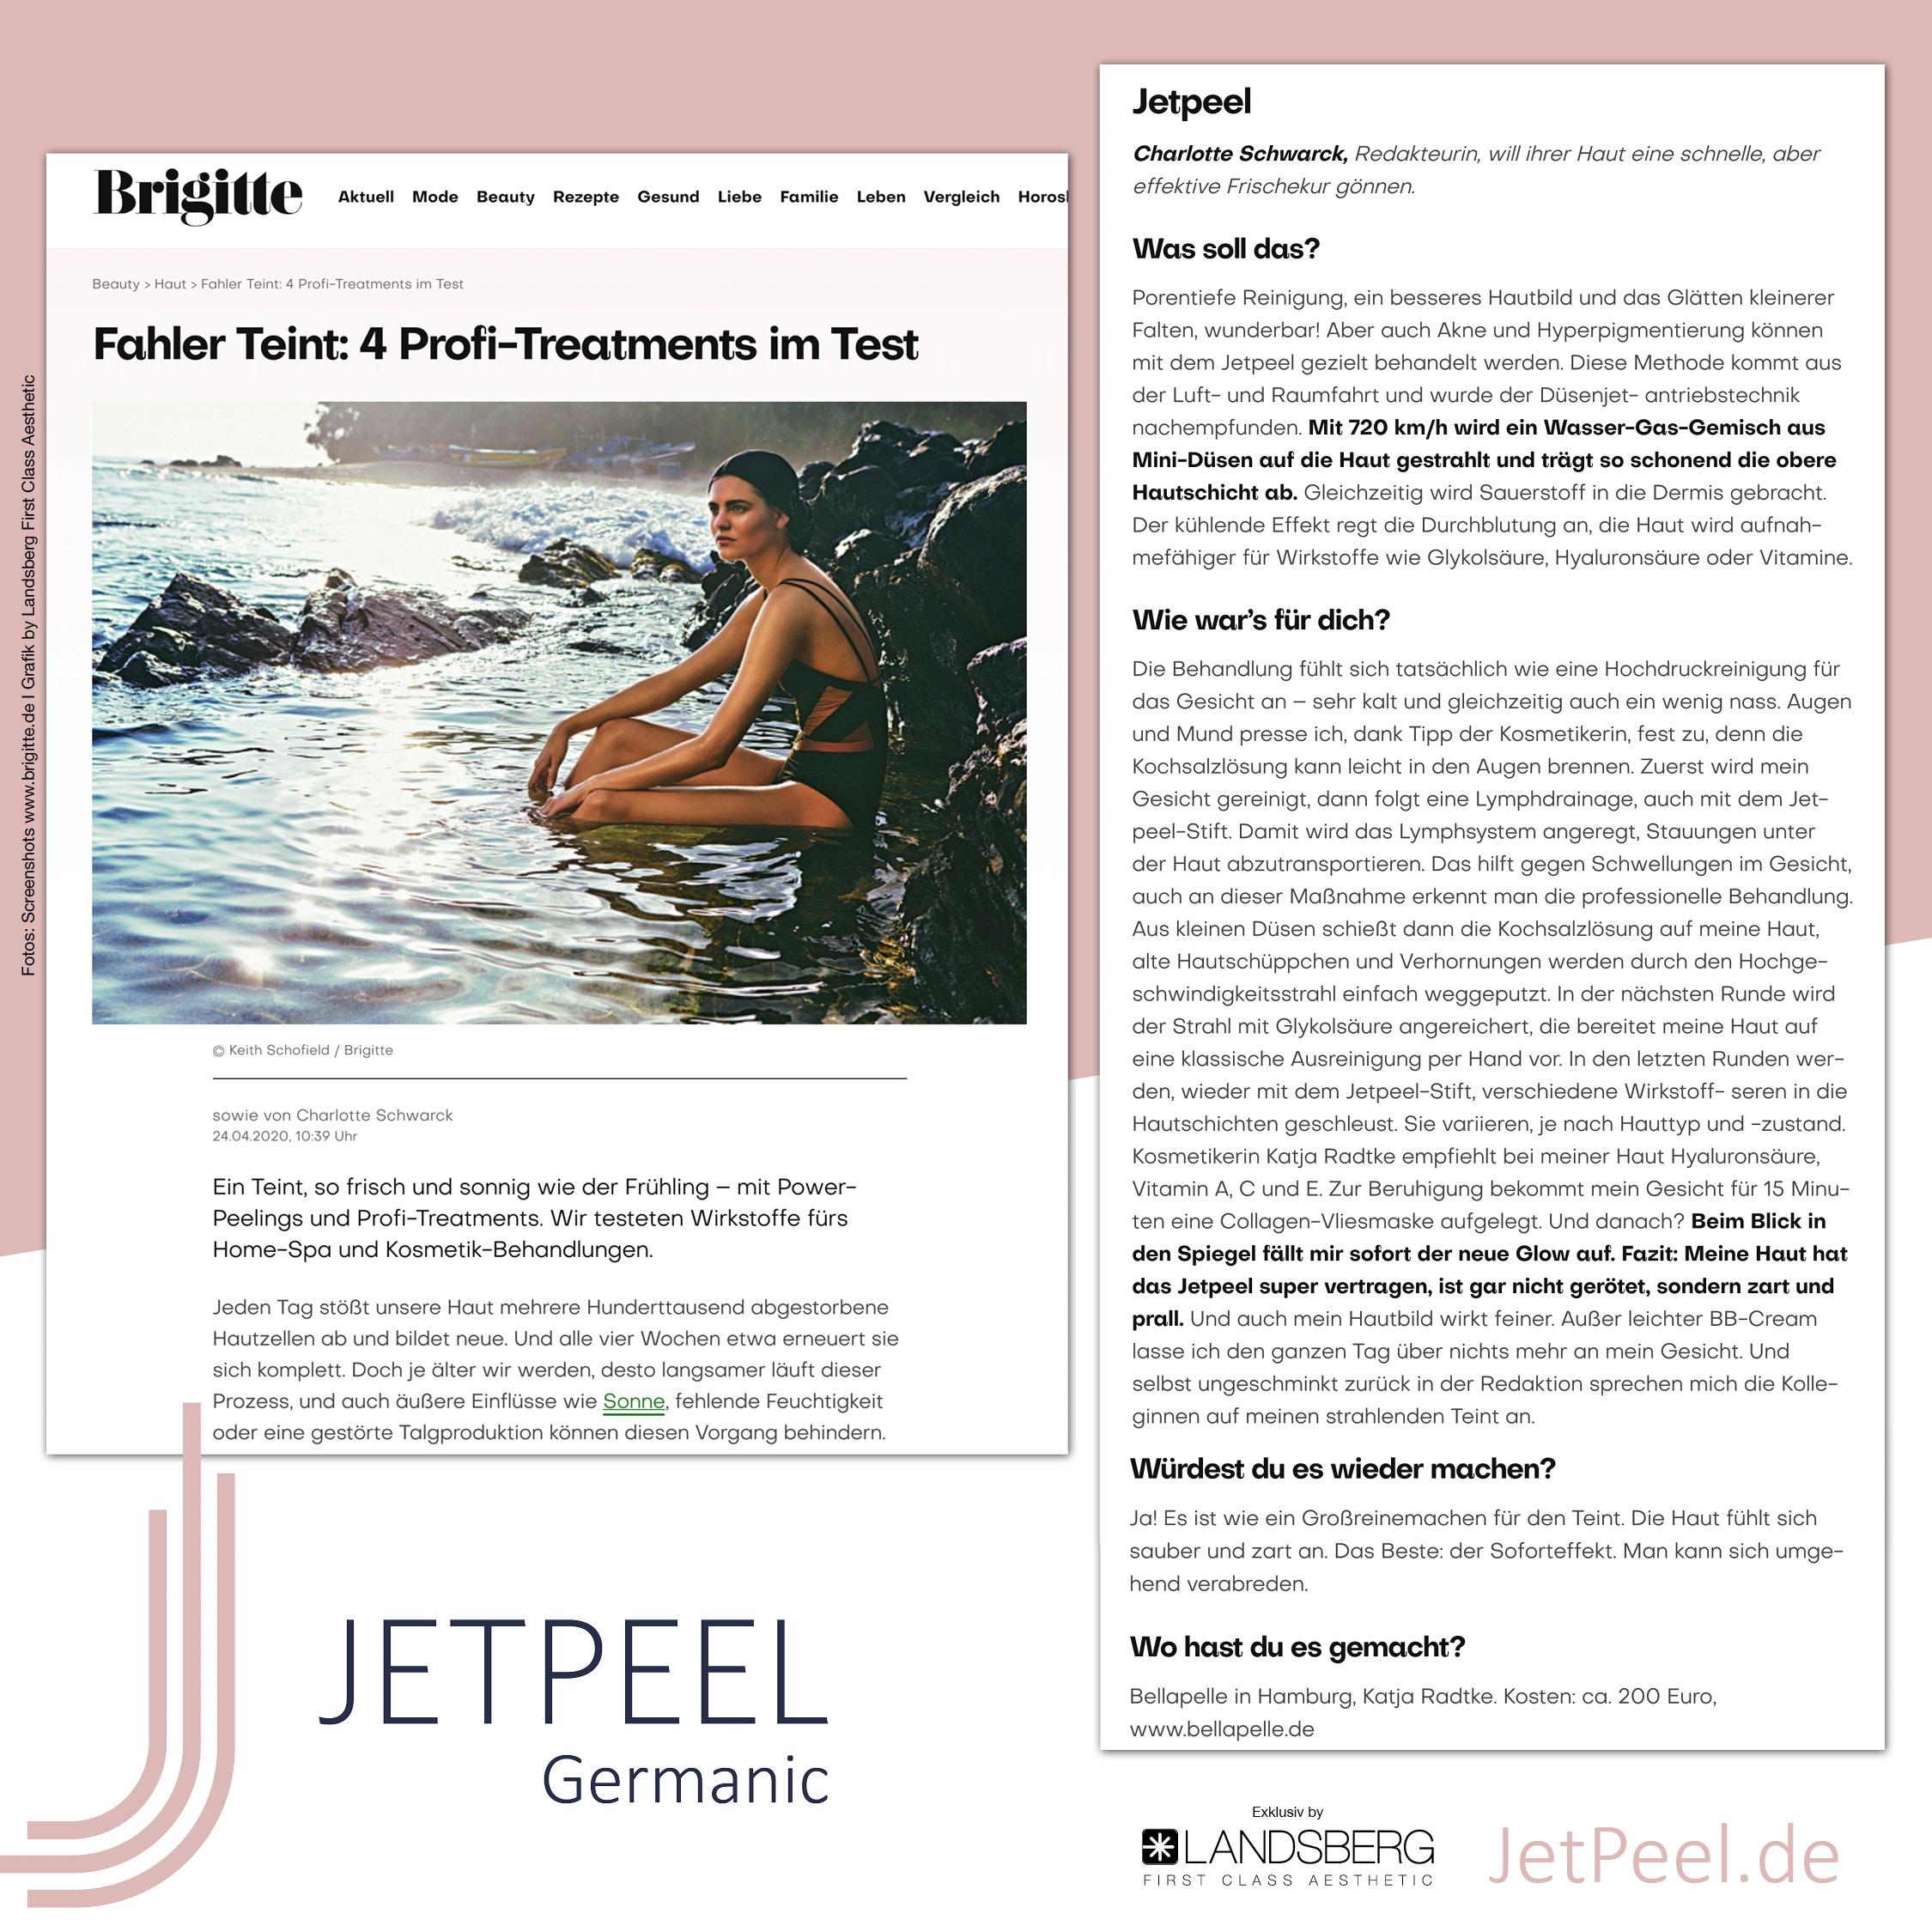 """JetPeel™ begeistert im Treatment-Test der Frauenzeitschrift """"Brigitte"""""""